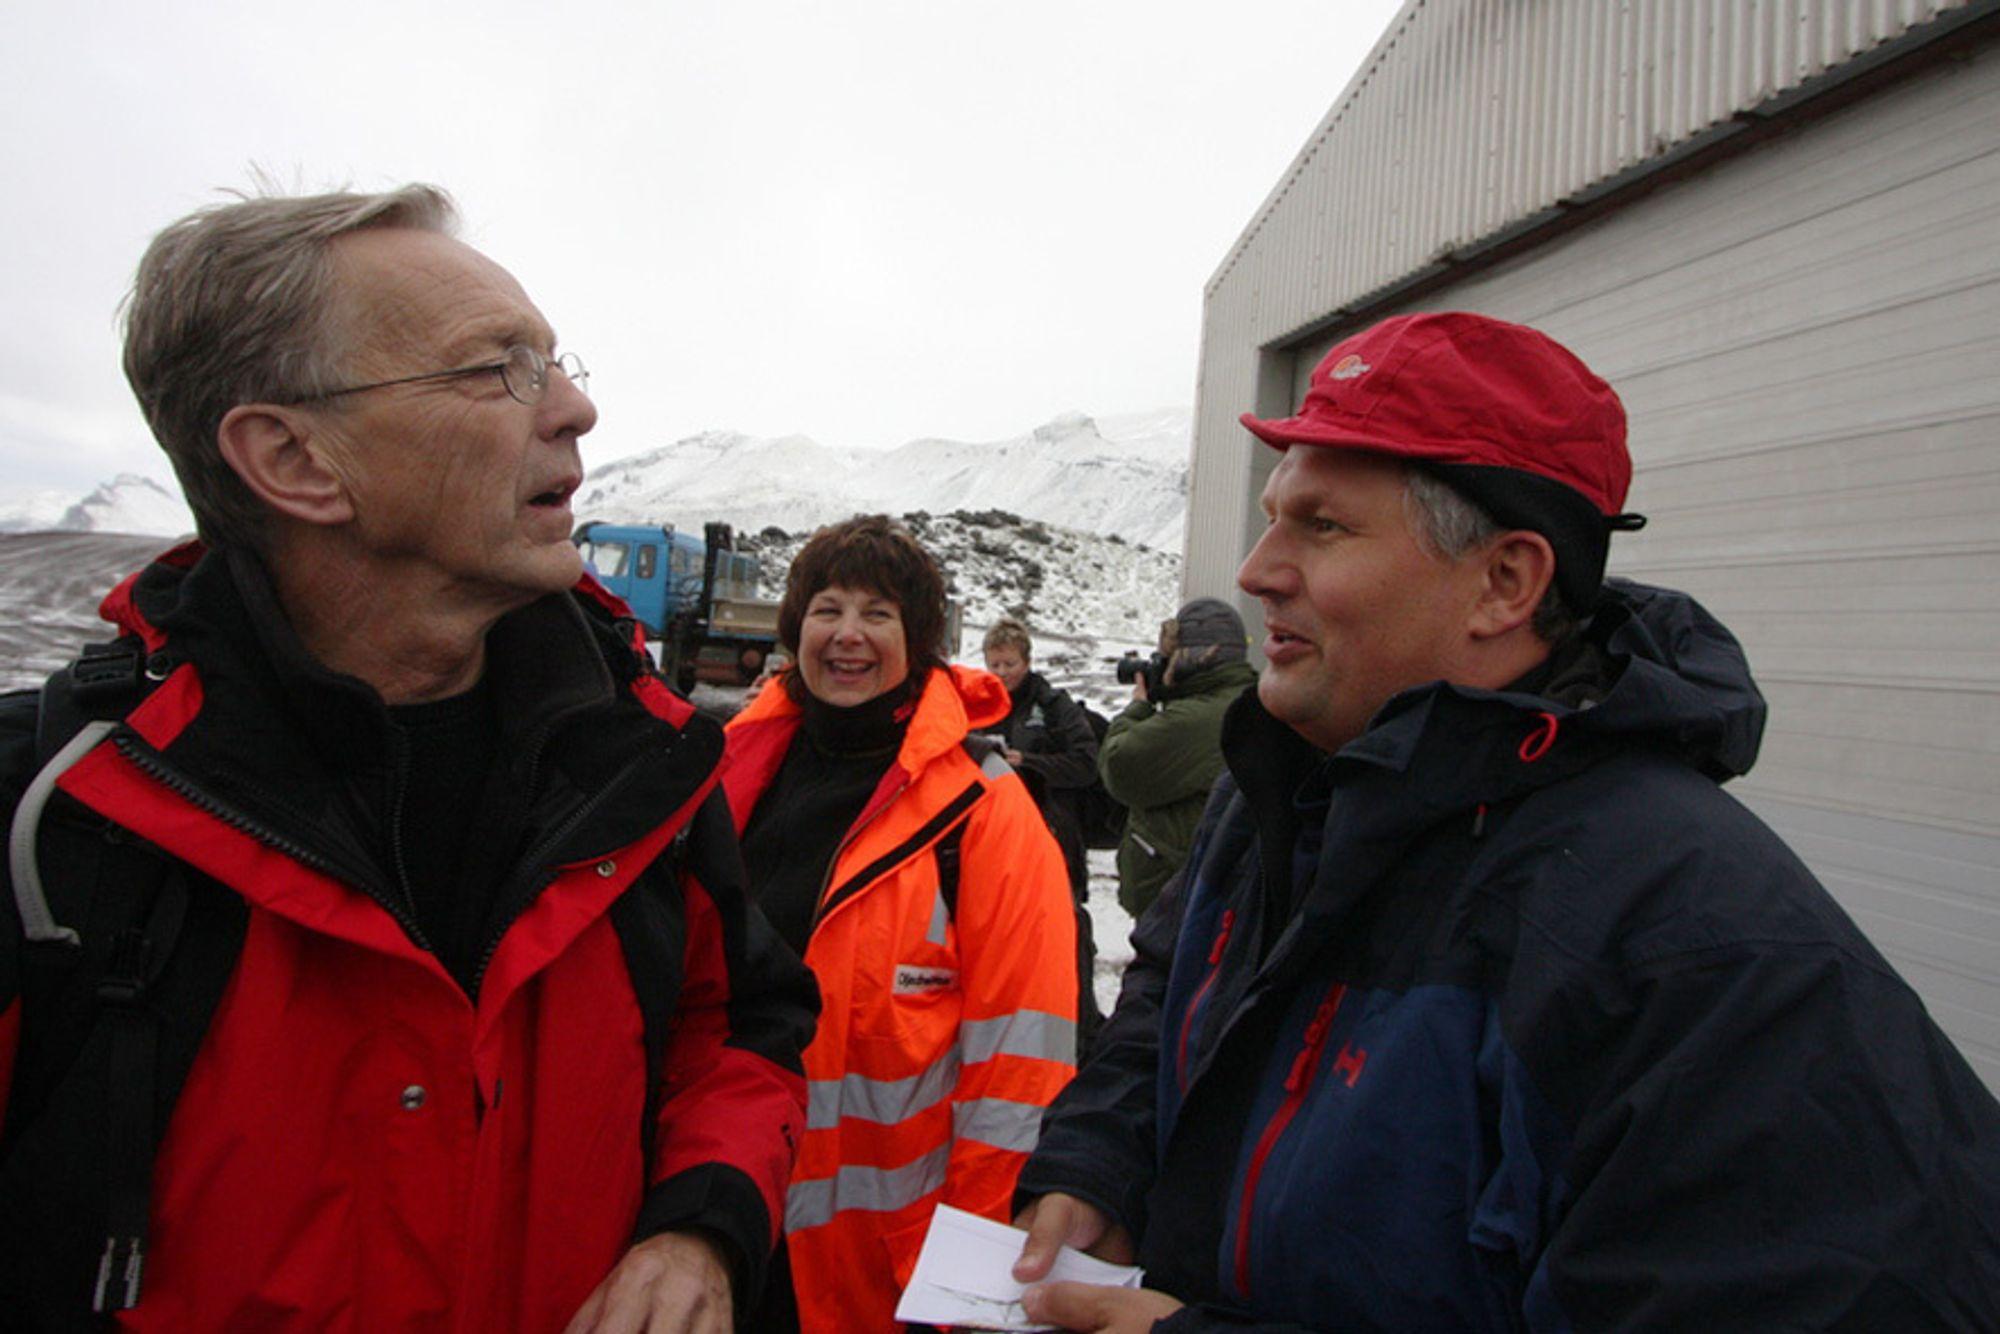 Olje- og energiminister Terje Riis-Johansen må tåle sterk kritikk fra OLF-leder Per Terje Vold for beslutningen om oljeletingen utenfor Jan Mayen. I bakgrunnen oljedirektør Bente Nyland.